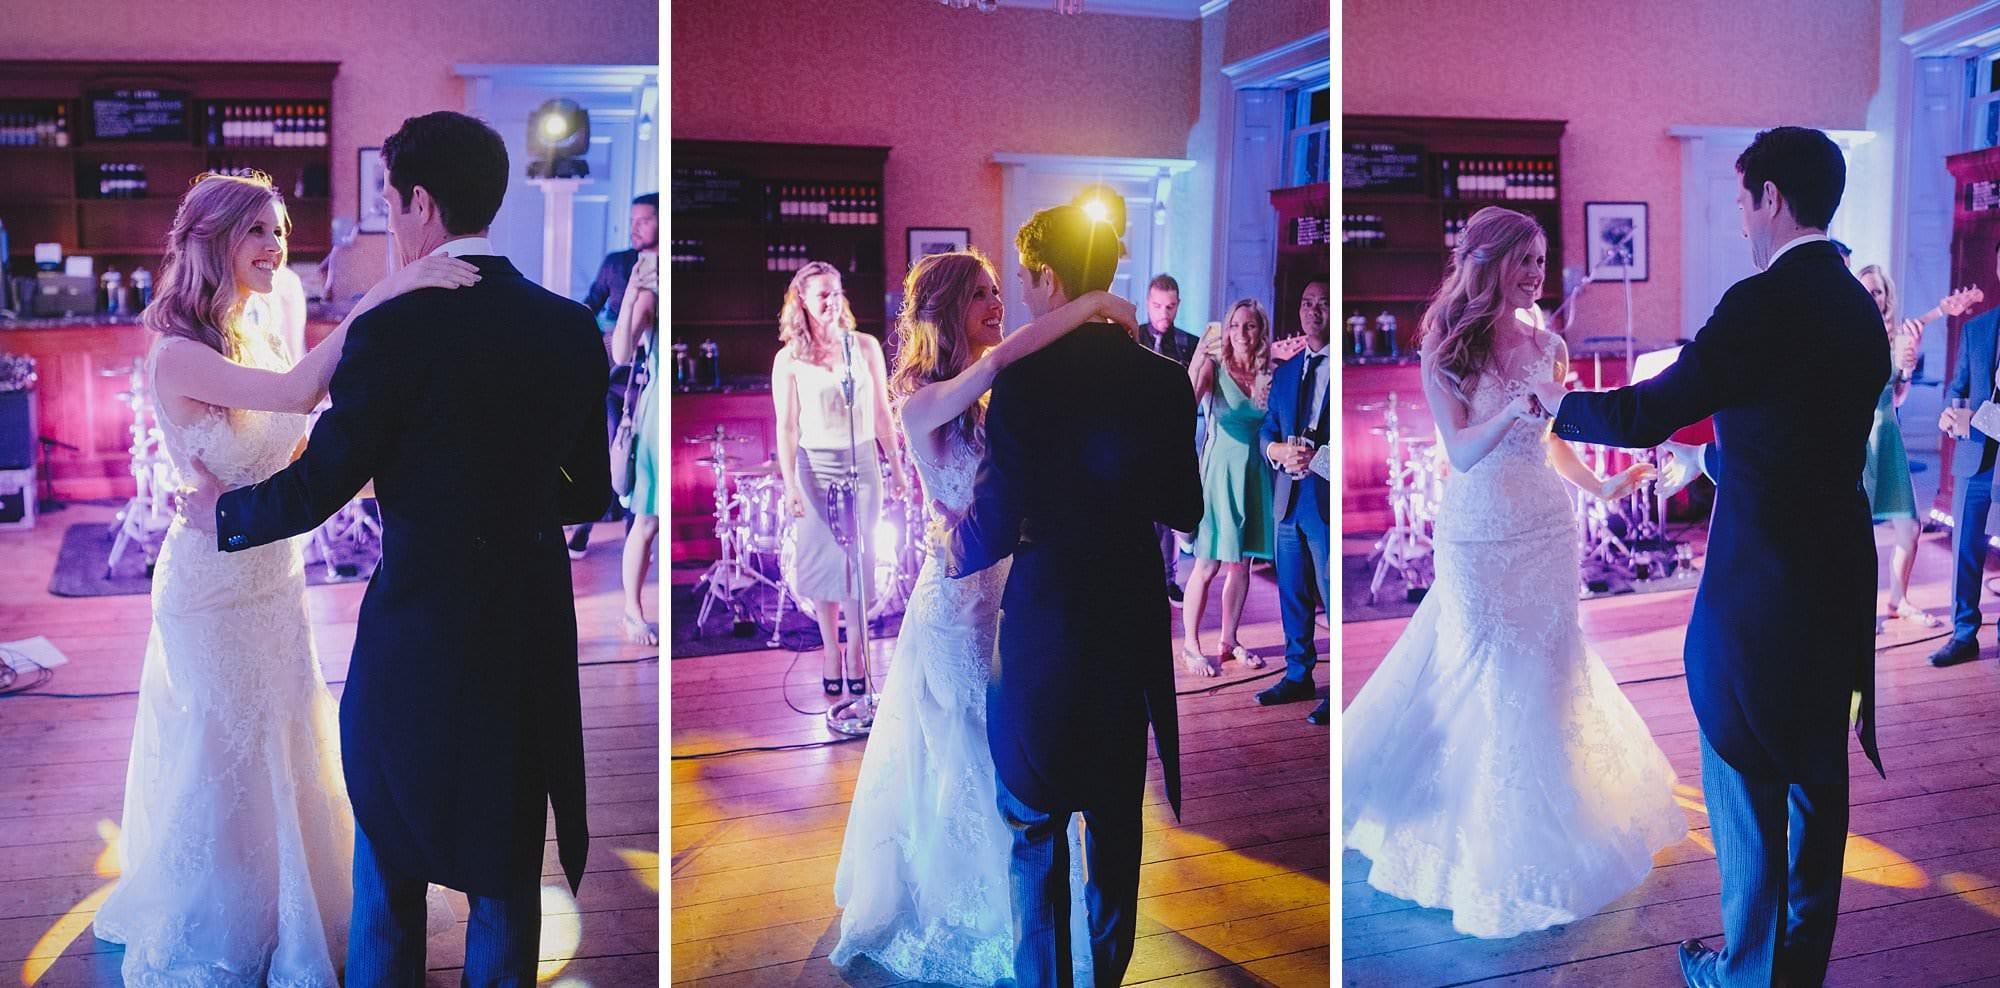 fulham palace wedding photographer 089 - Rosanna + Duncan | Fulham